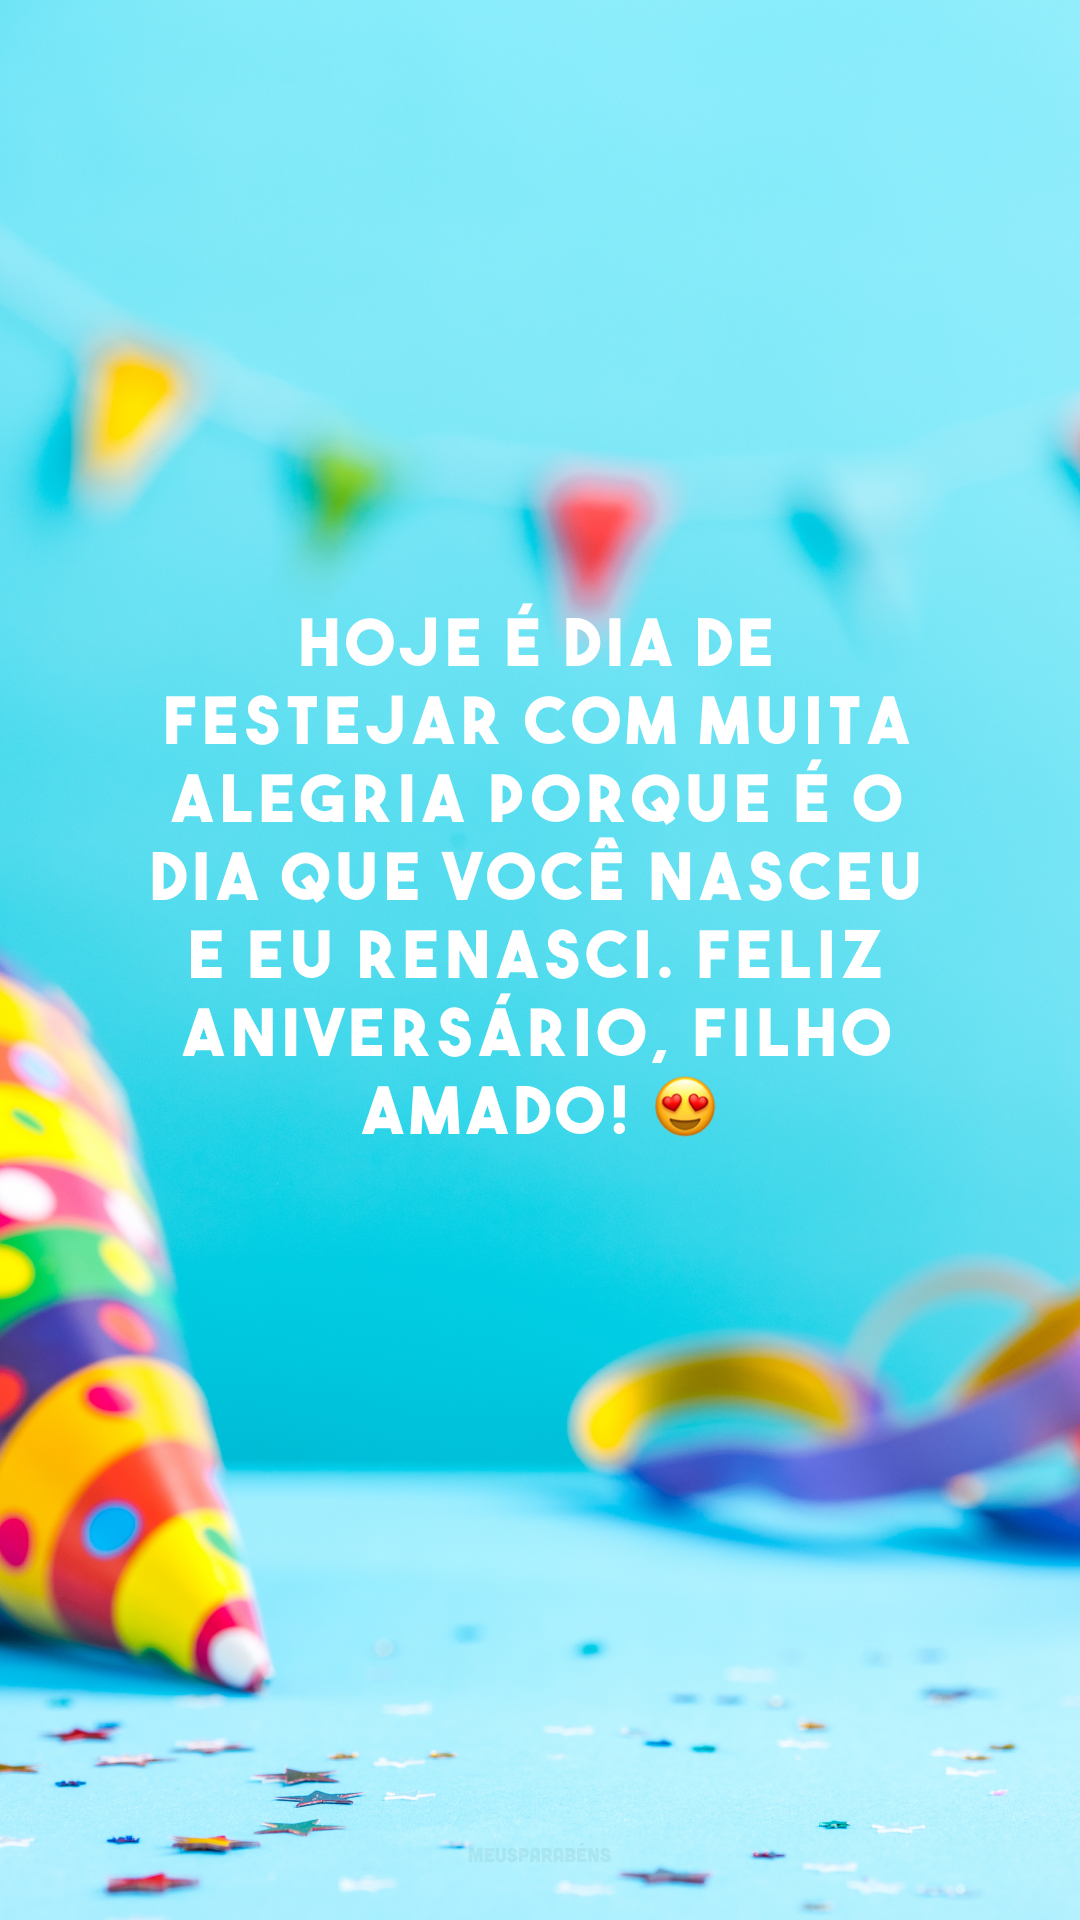 Hoje é dia de festejar com muita alegria porque é o dia que você nasceu e eu renasci. Feliz aniversário, filho amado! 😍